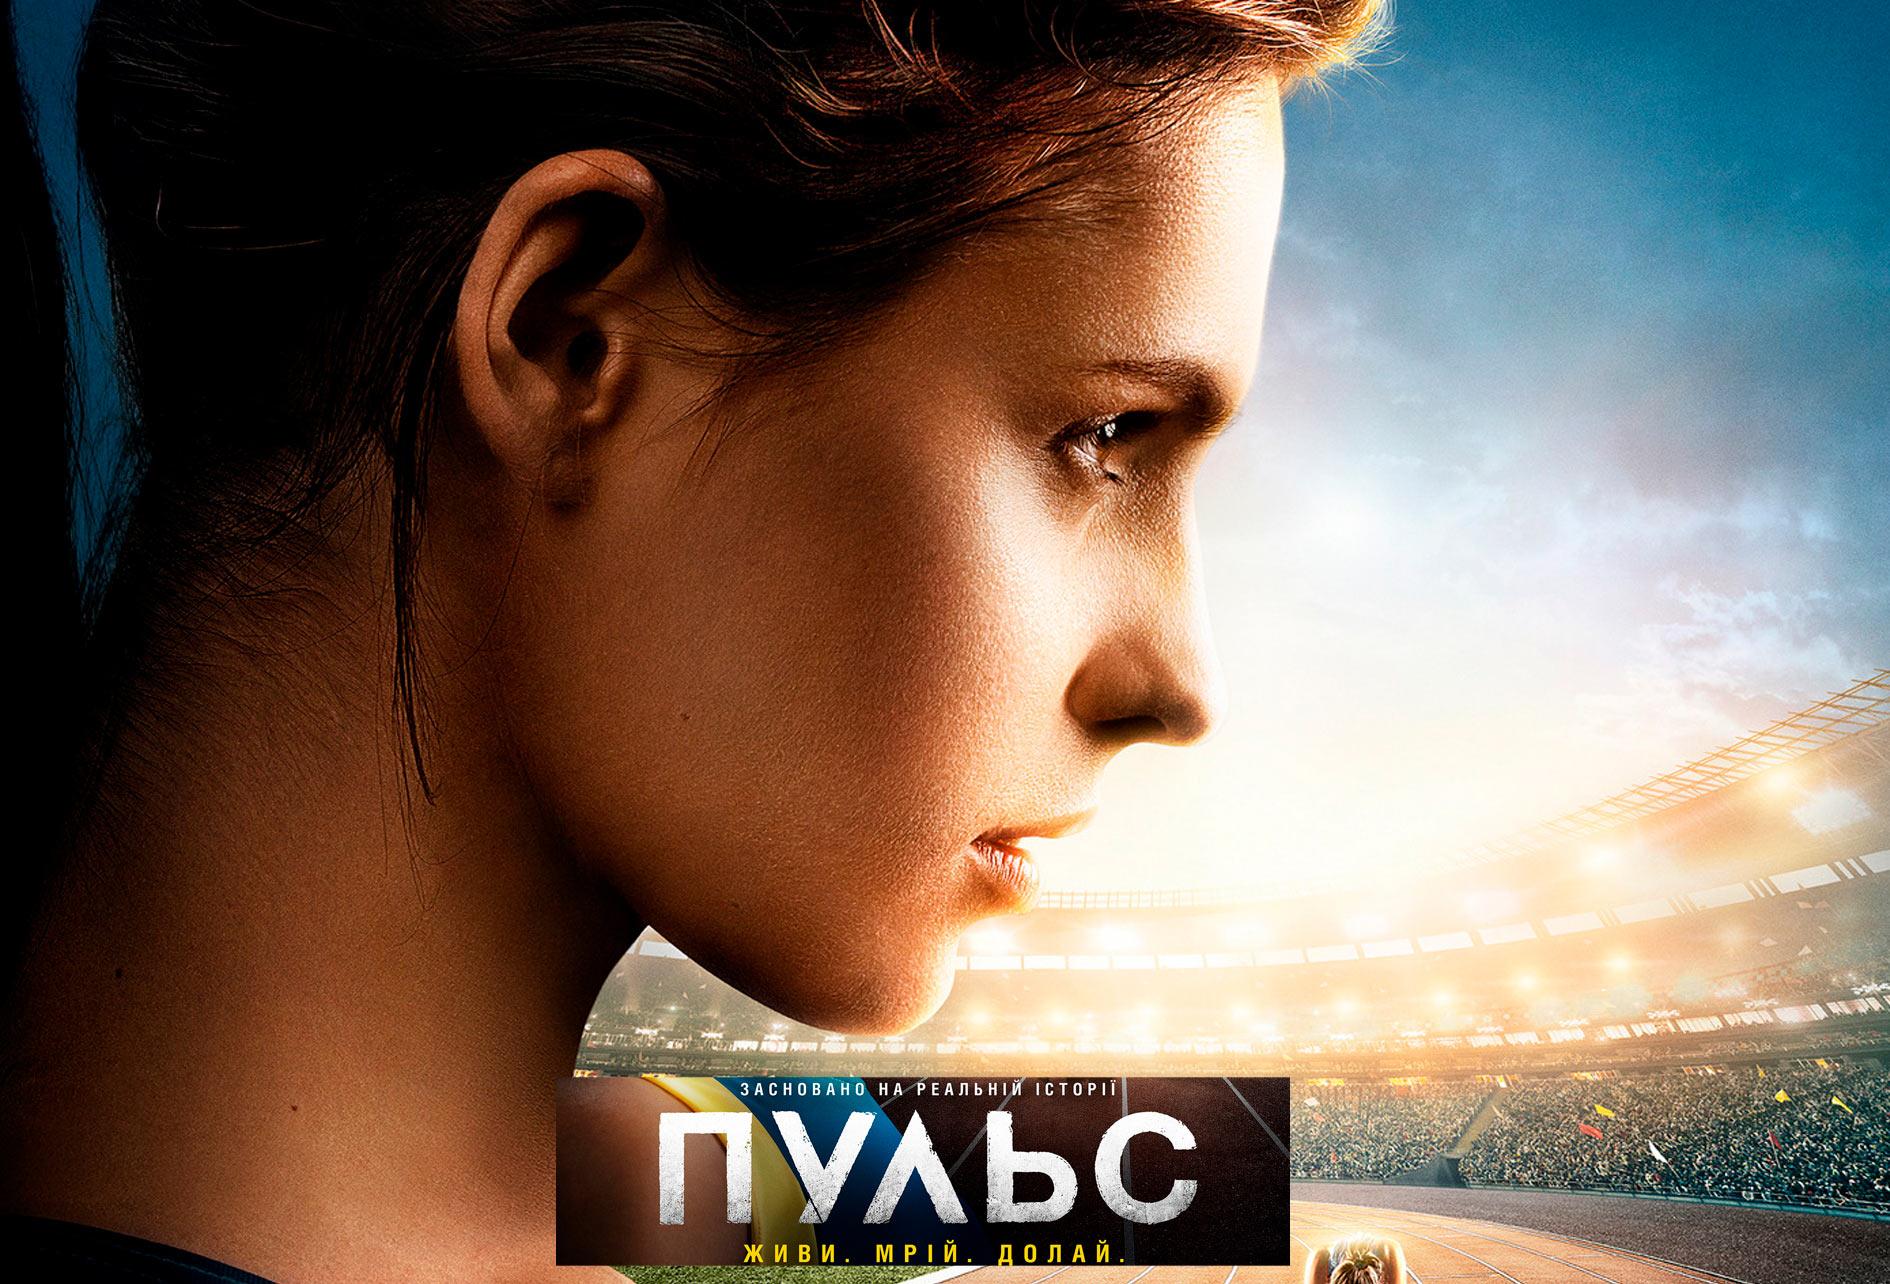 Фильм о никопольской спортсменке номинирован на 4 приза кинофестиваля «FLIC» | Прихист